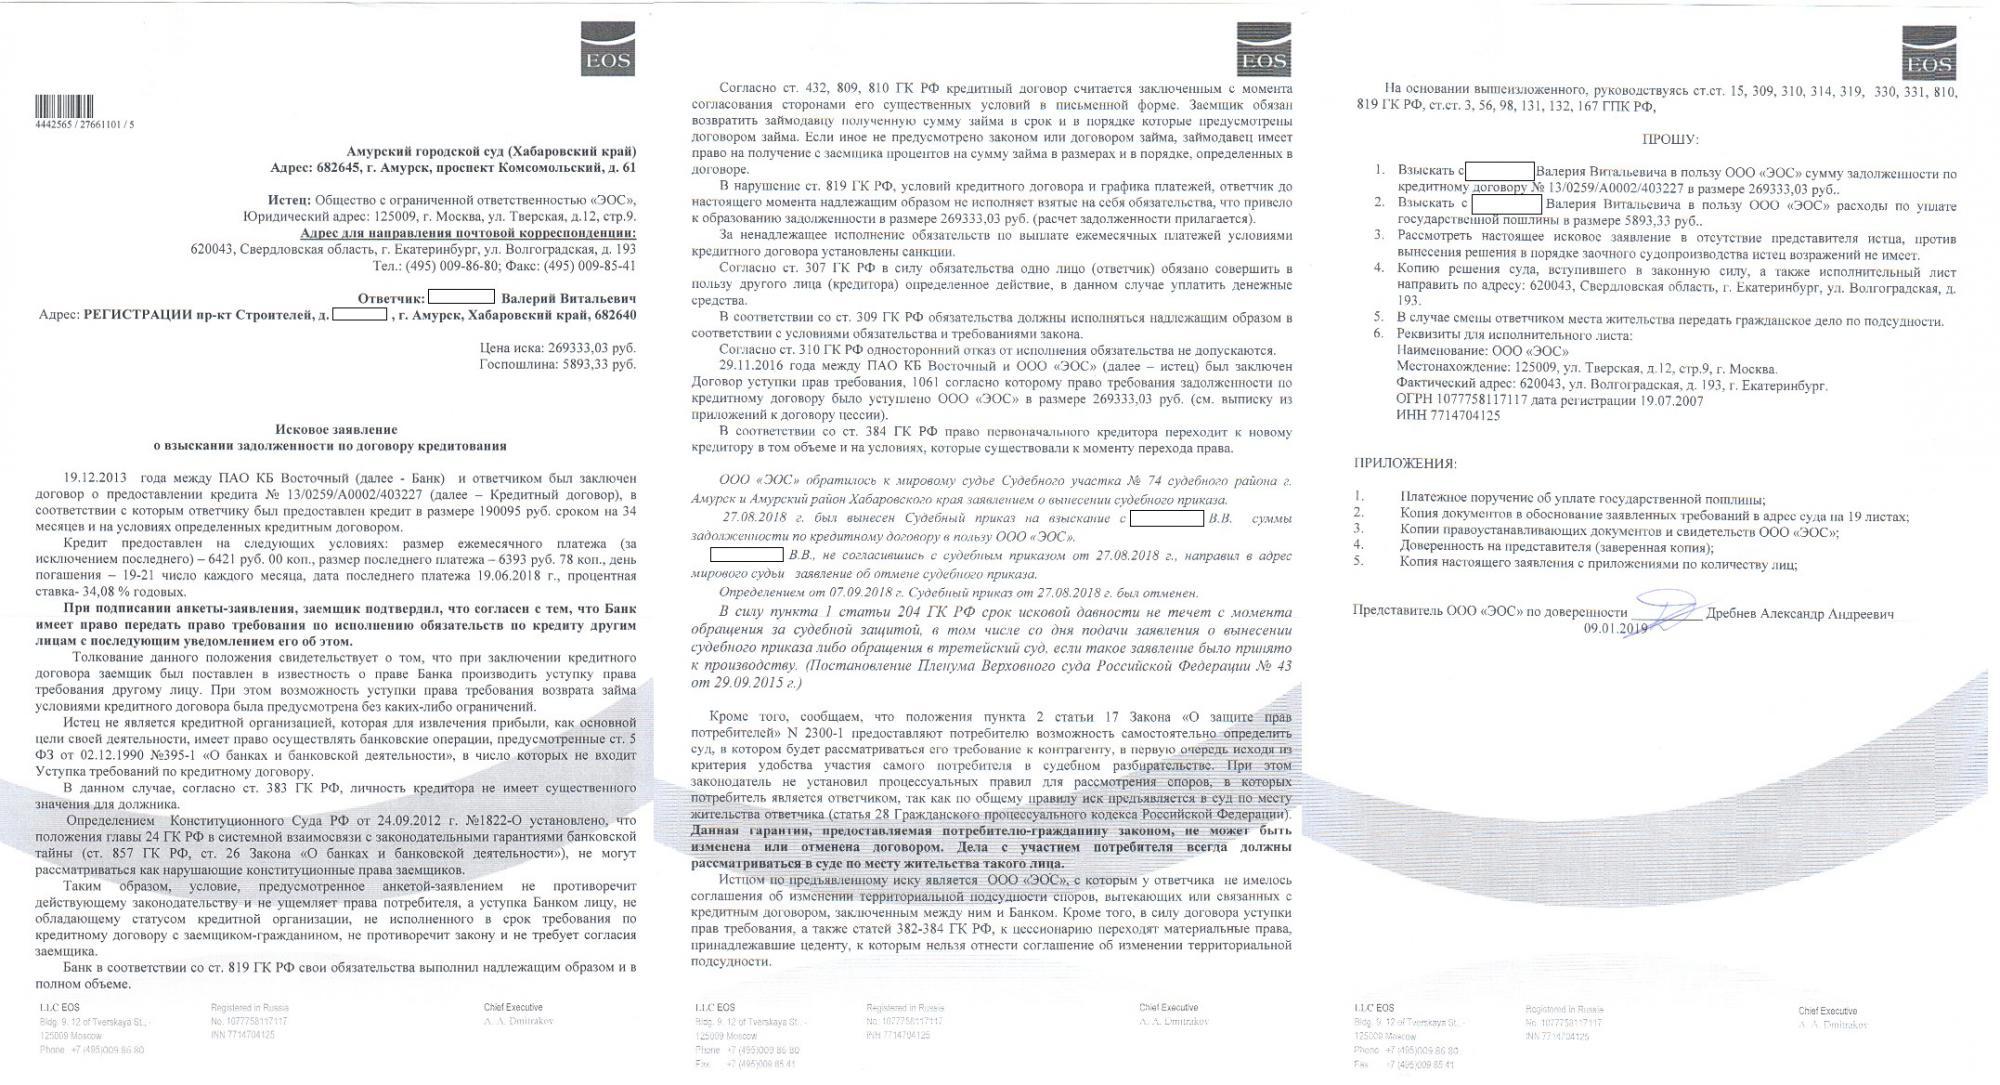 4. Исковое заявление ЭОС.jpg